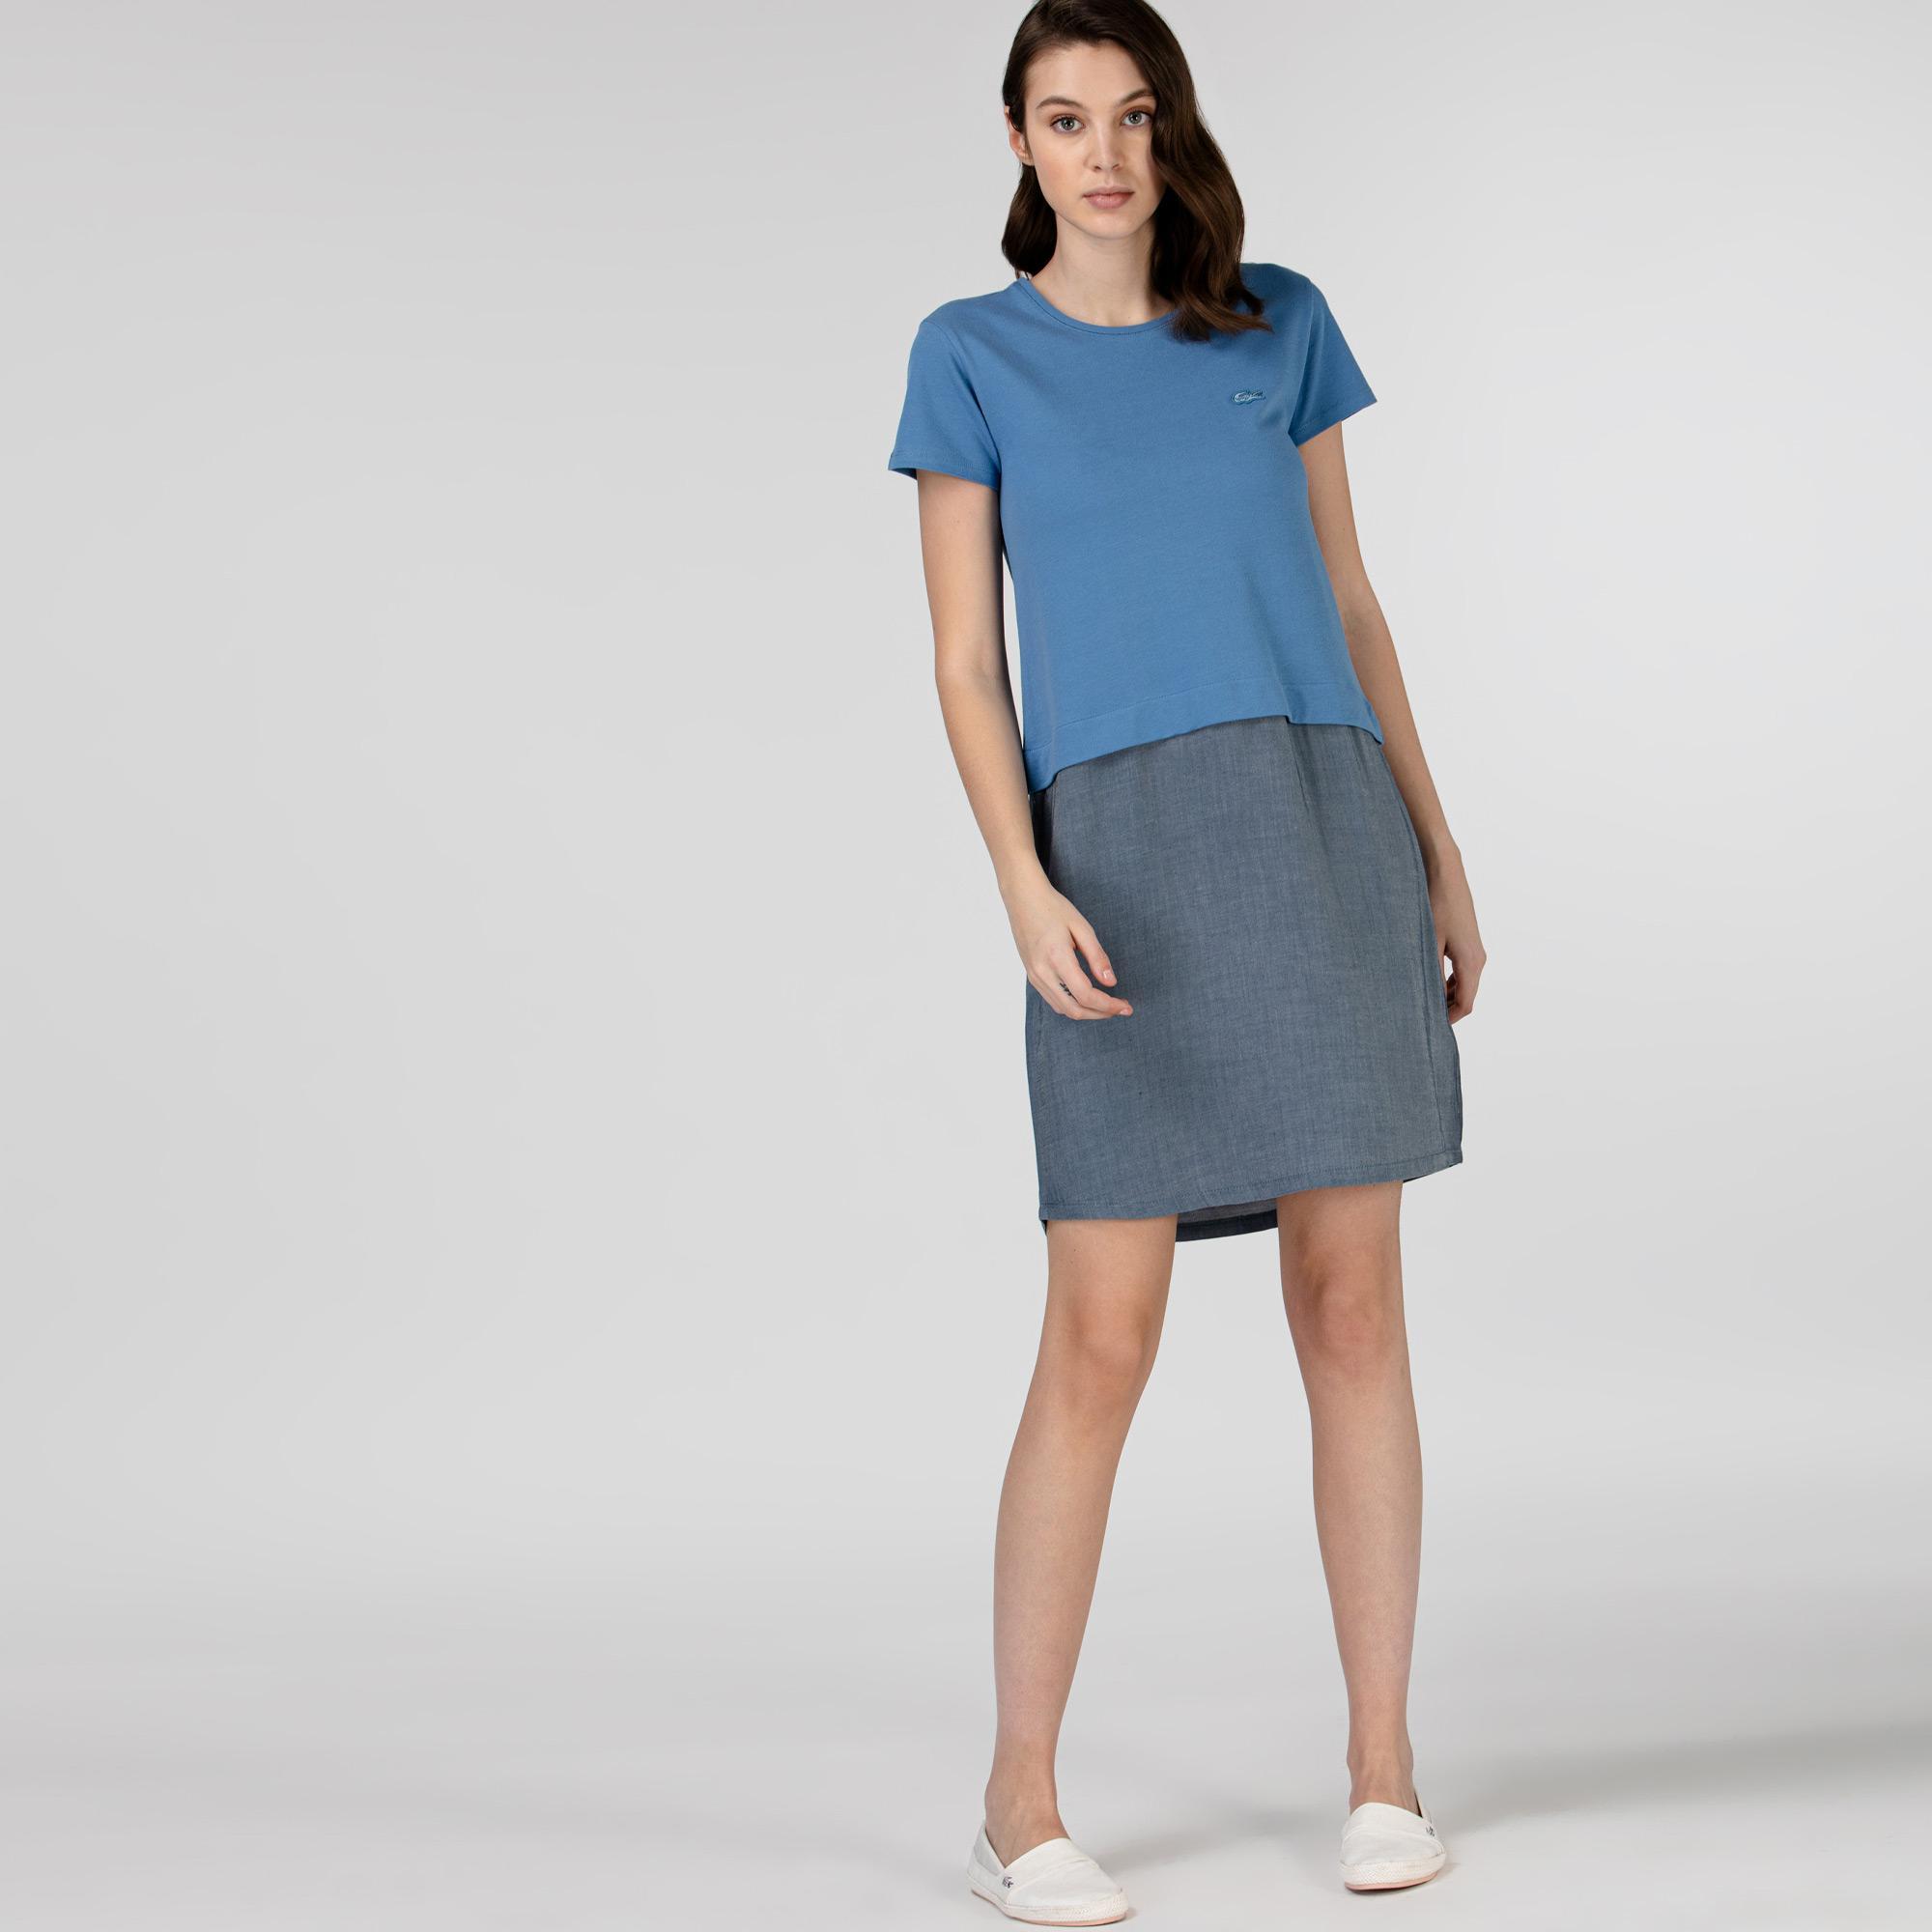 Lacoste Kadın Kısa Kollu Bisiklet Yaka Renk Bloklu Mavi Elbise